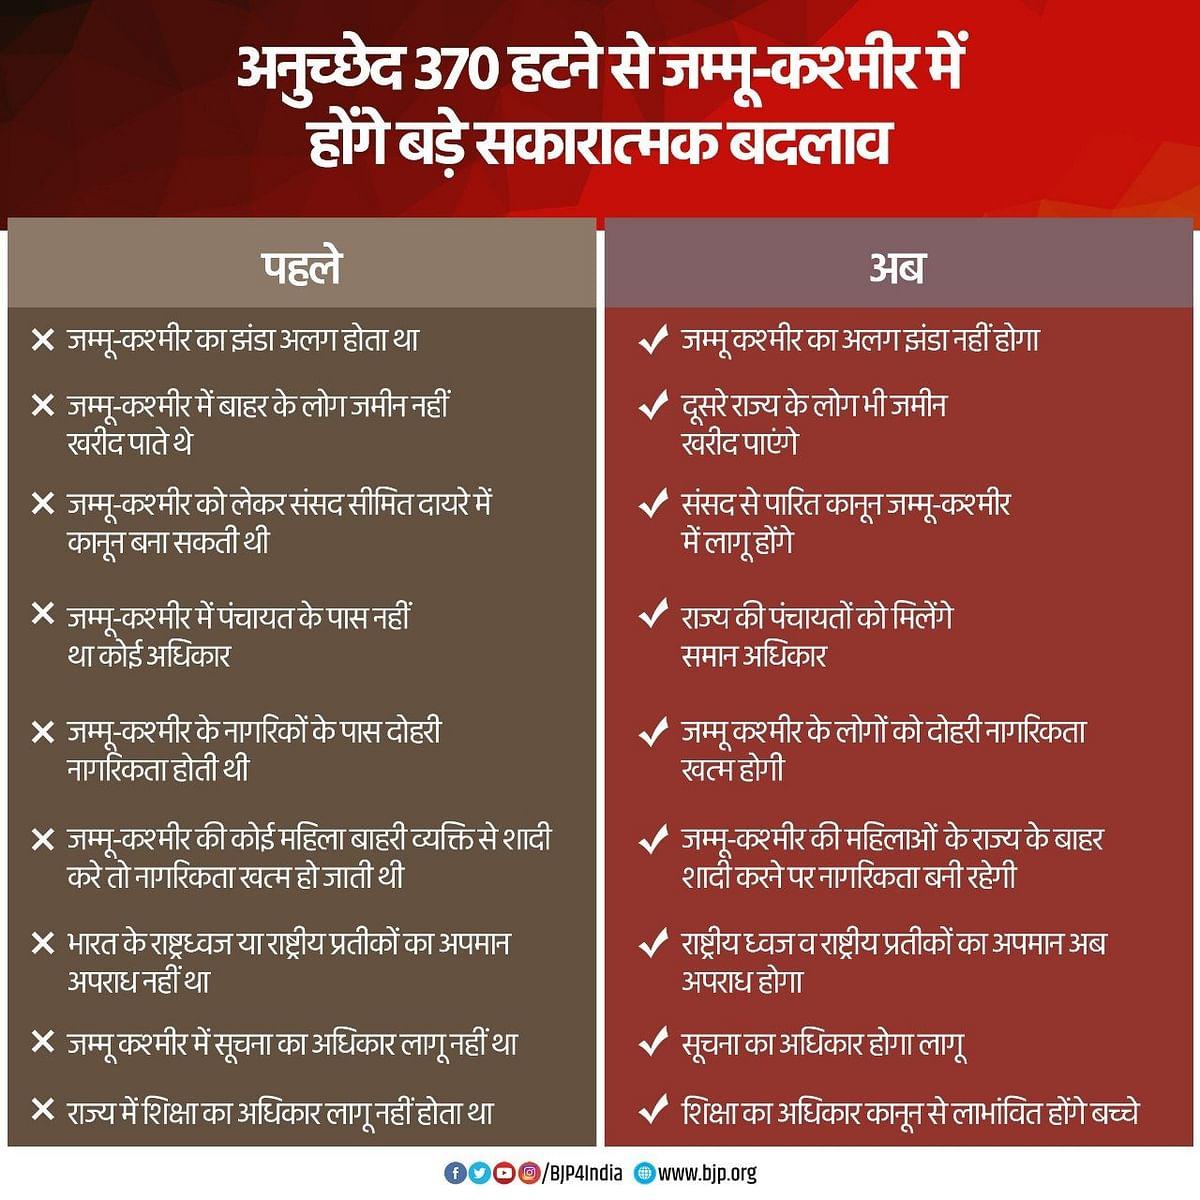 अनुच्छेद 370 हटने के बाद बदल जाएगी कश्मीर की तक़दीर